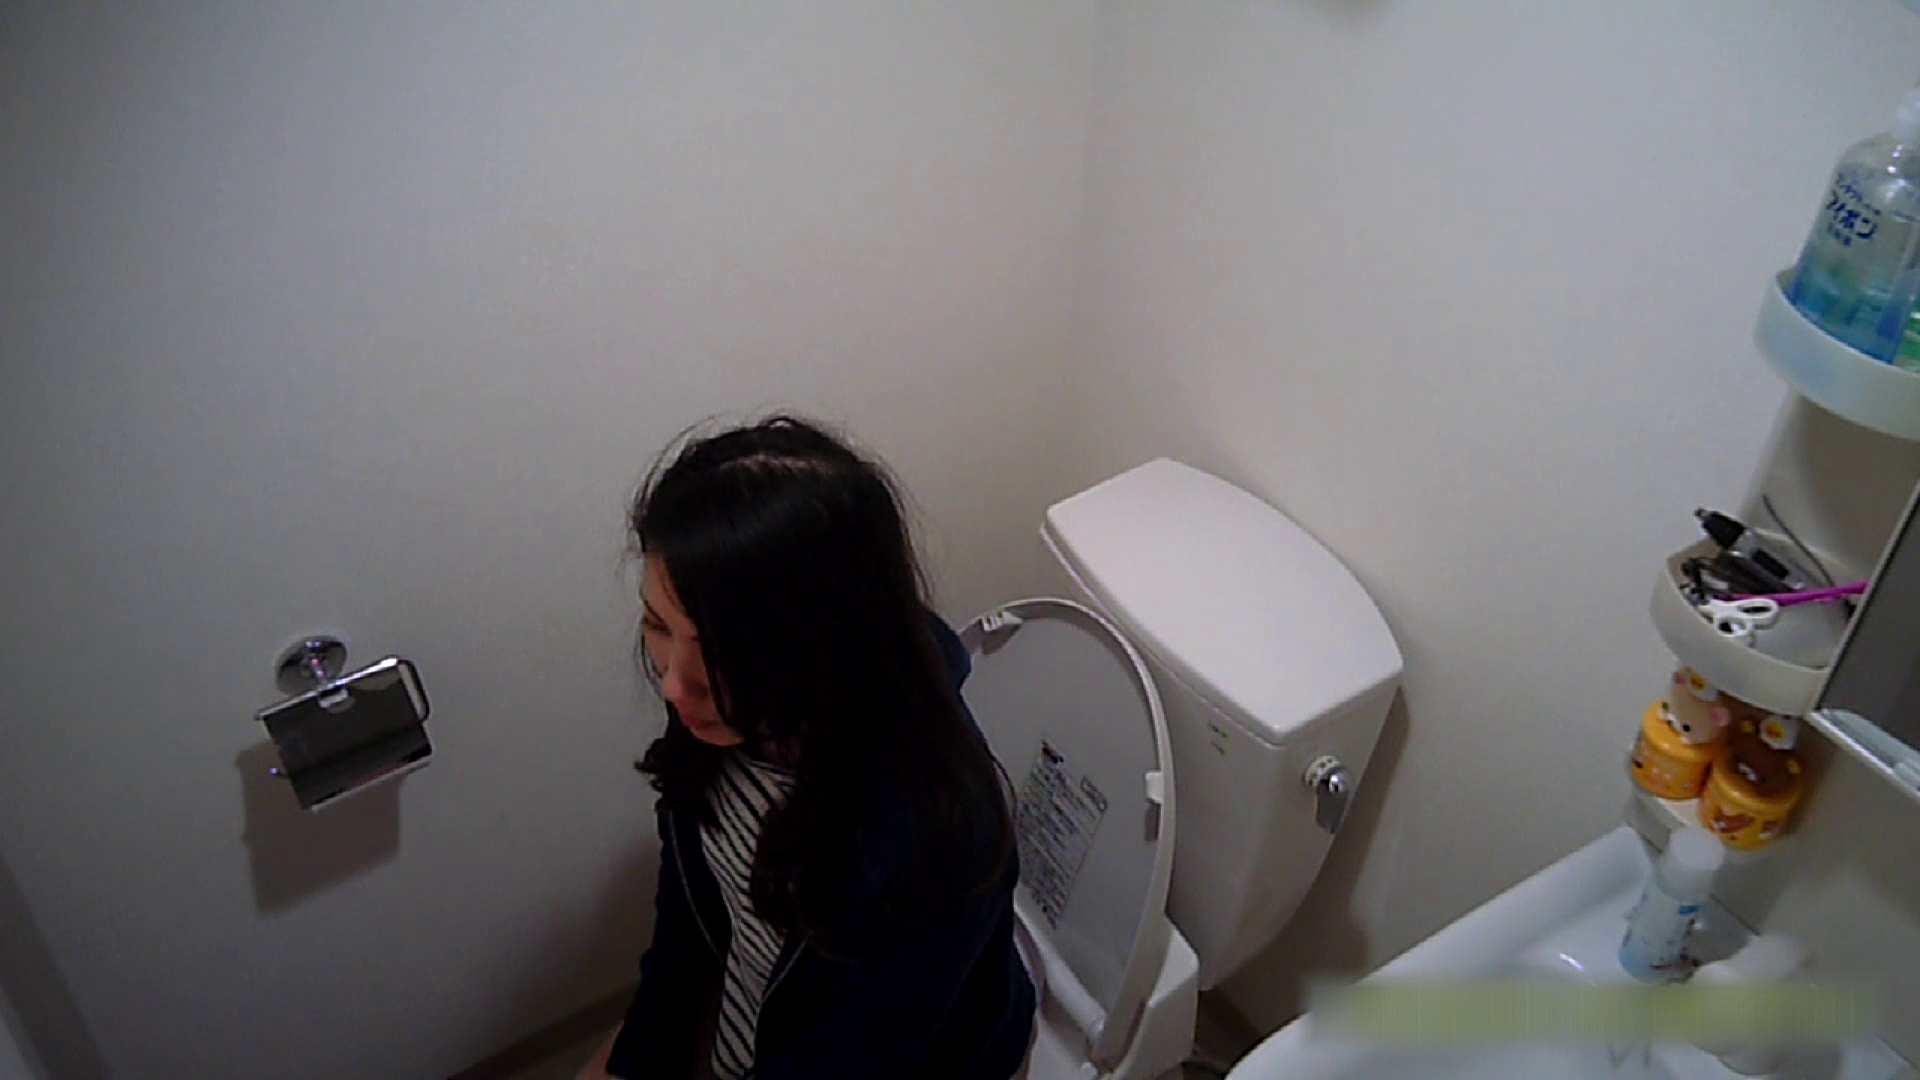 アダルトエロ動画|清楚な顔してかなり敏感なE子25歳(仮名)Vol.04 トイレ編|怪盗ジョーカー